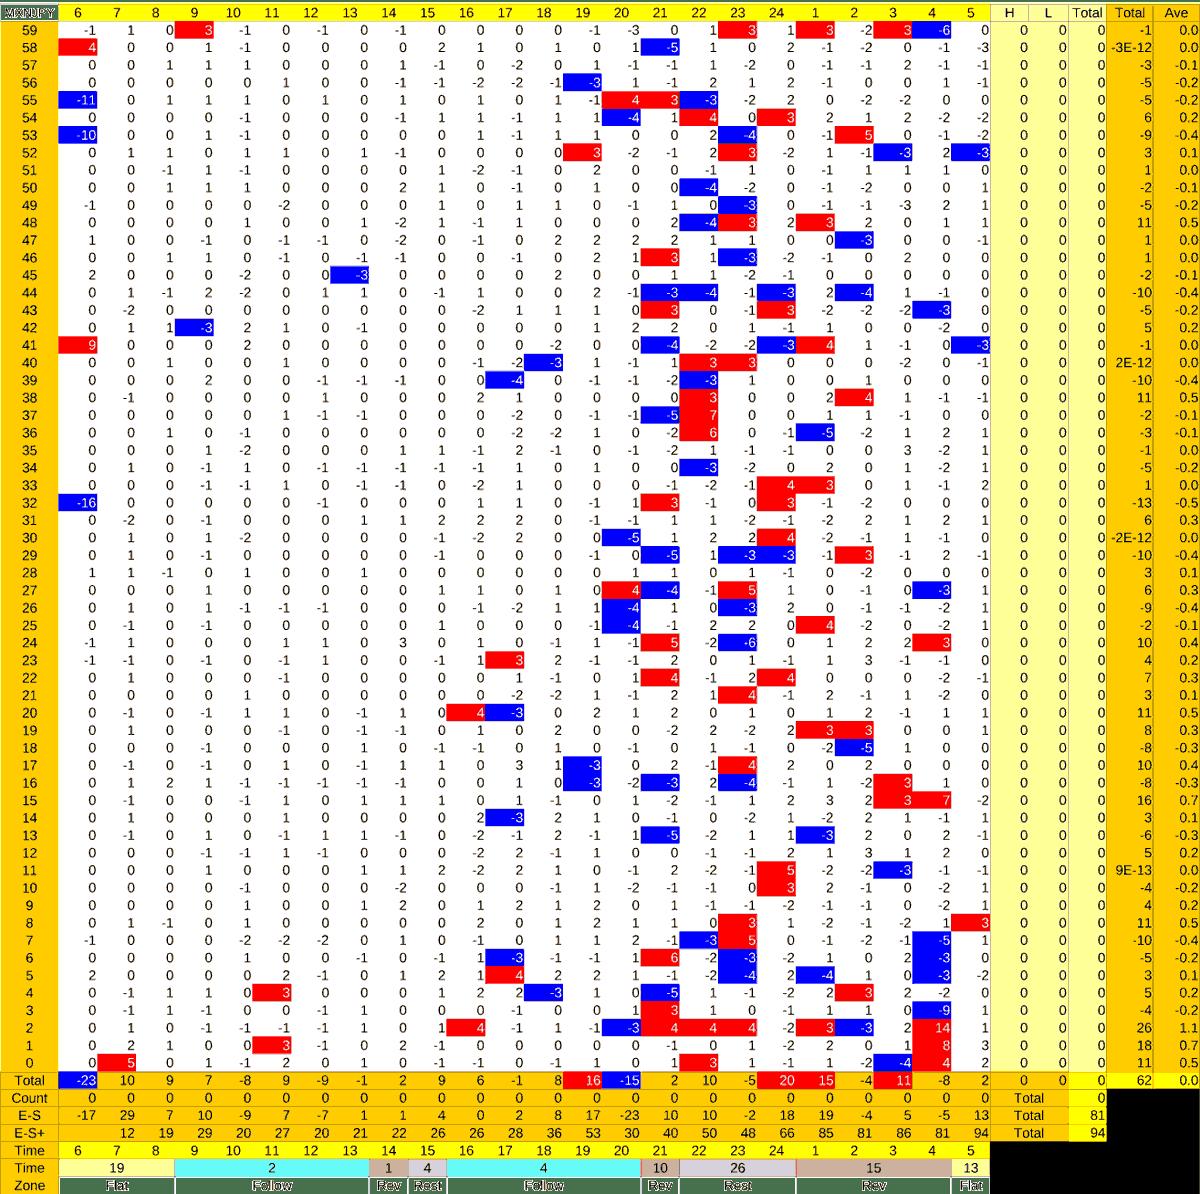 20210325_HS(3)MXNJPY-min